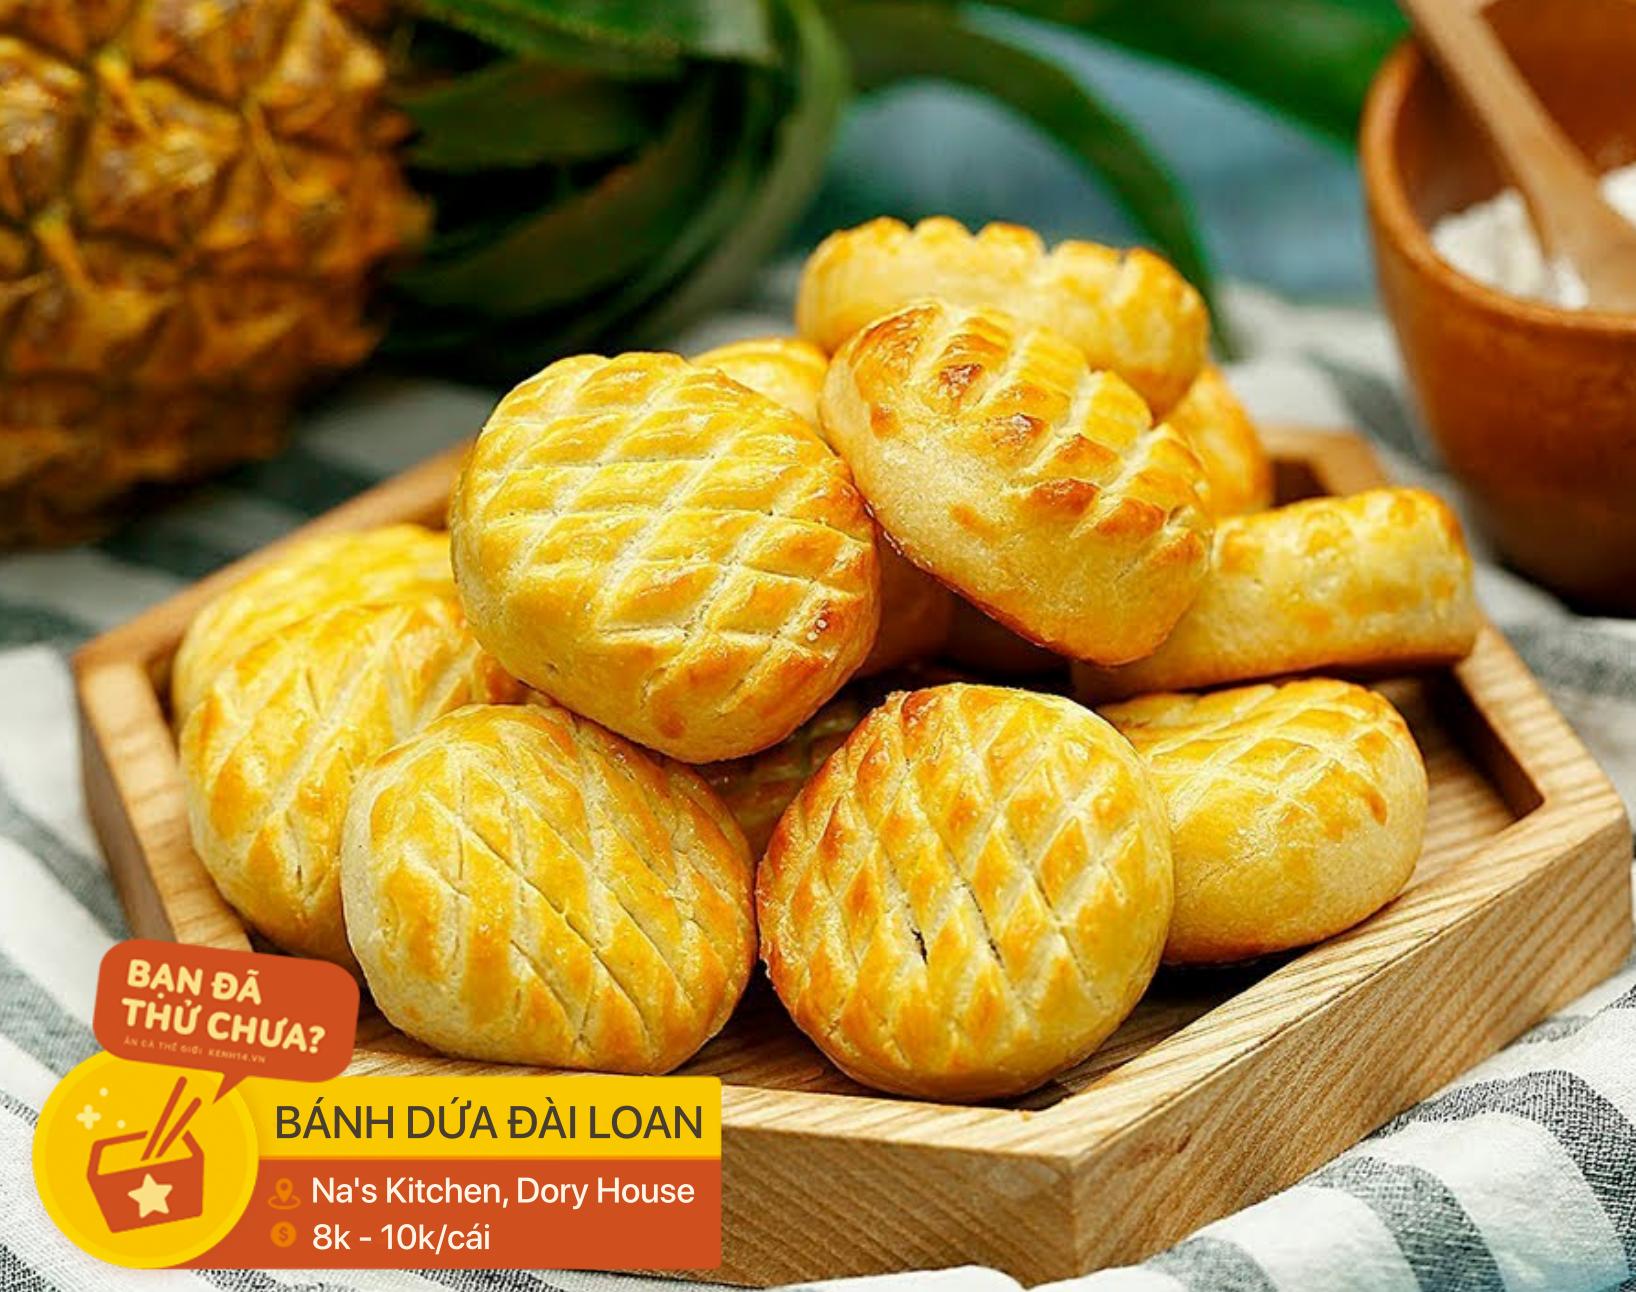 Tổng hợp những món bánh ngọt ăn vặt Đài Loan đốn tim giới trẻ và nơi tìm ra chúng ở Sài Gòn - Ảnh 2.